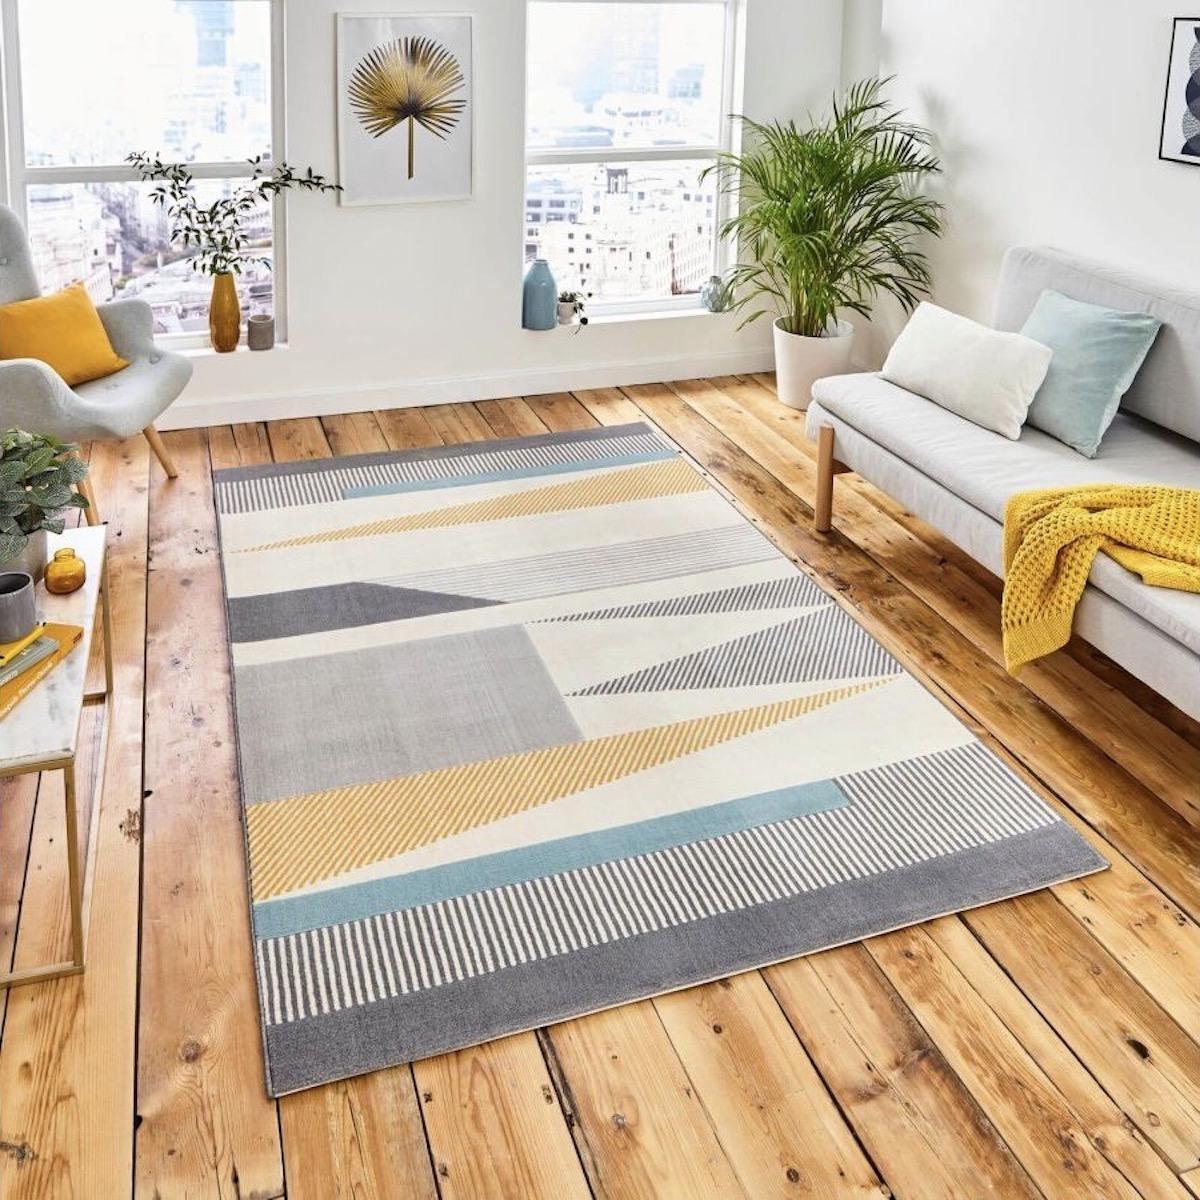 tapis salon taille forme rectangle triangle jaune gris blanc bleu géométrique scandinave